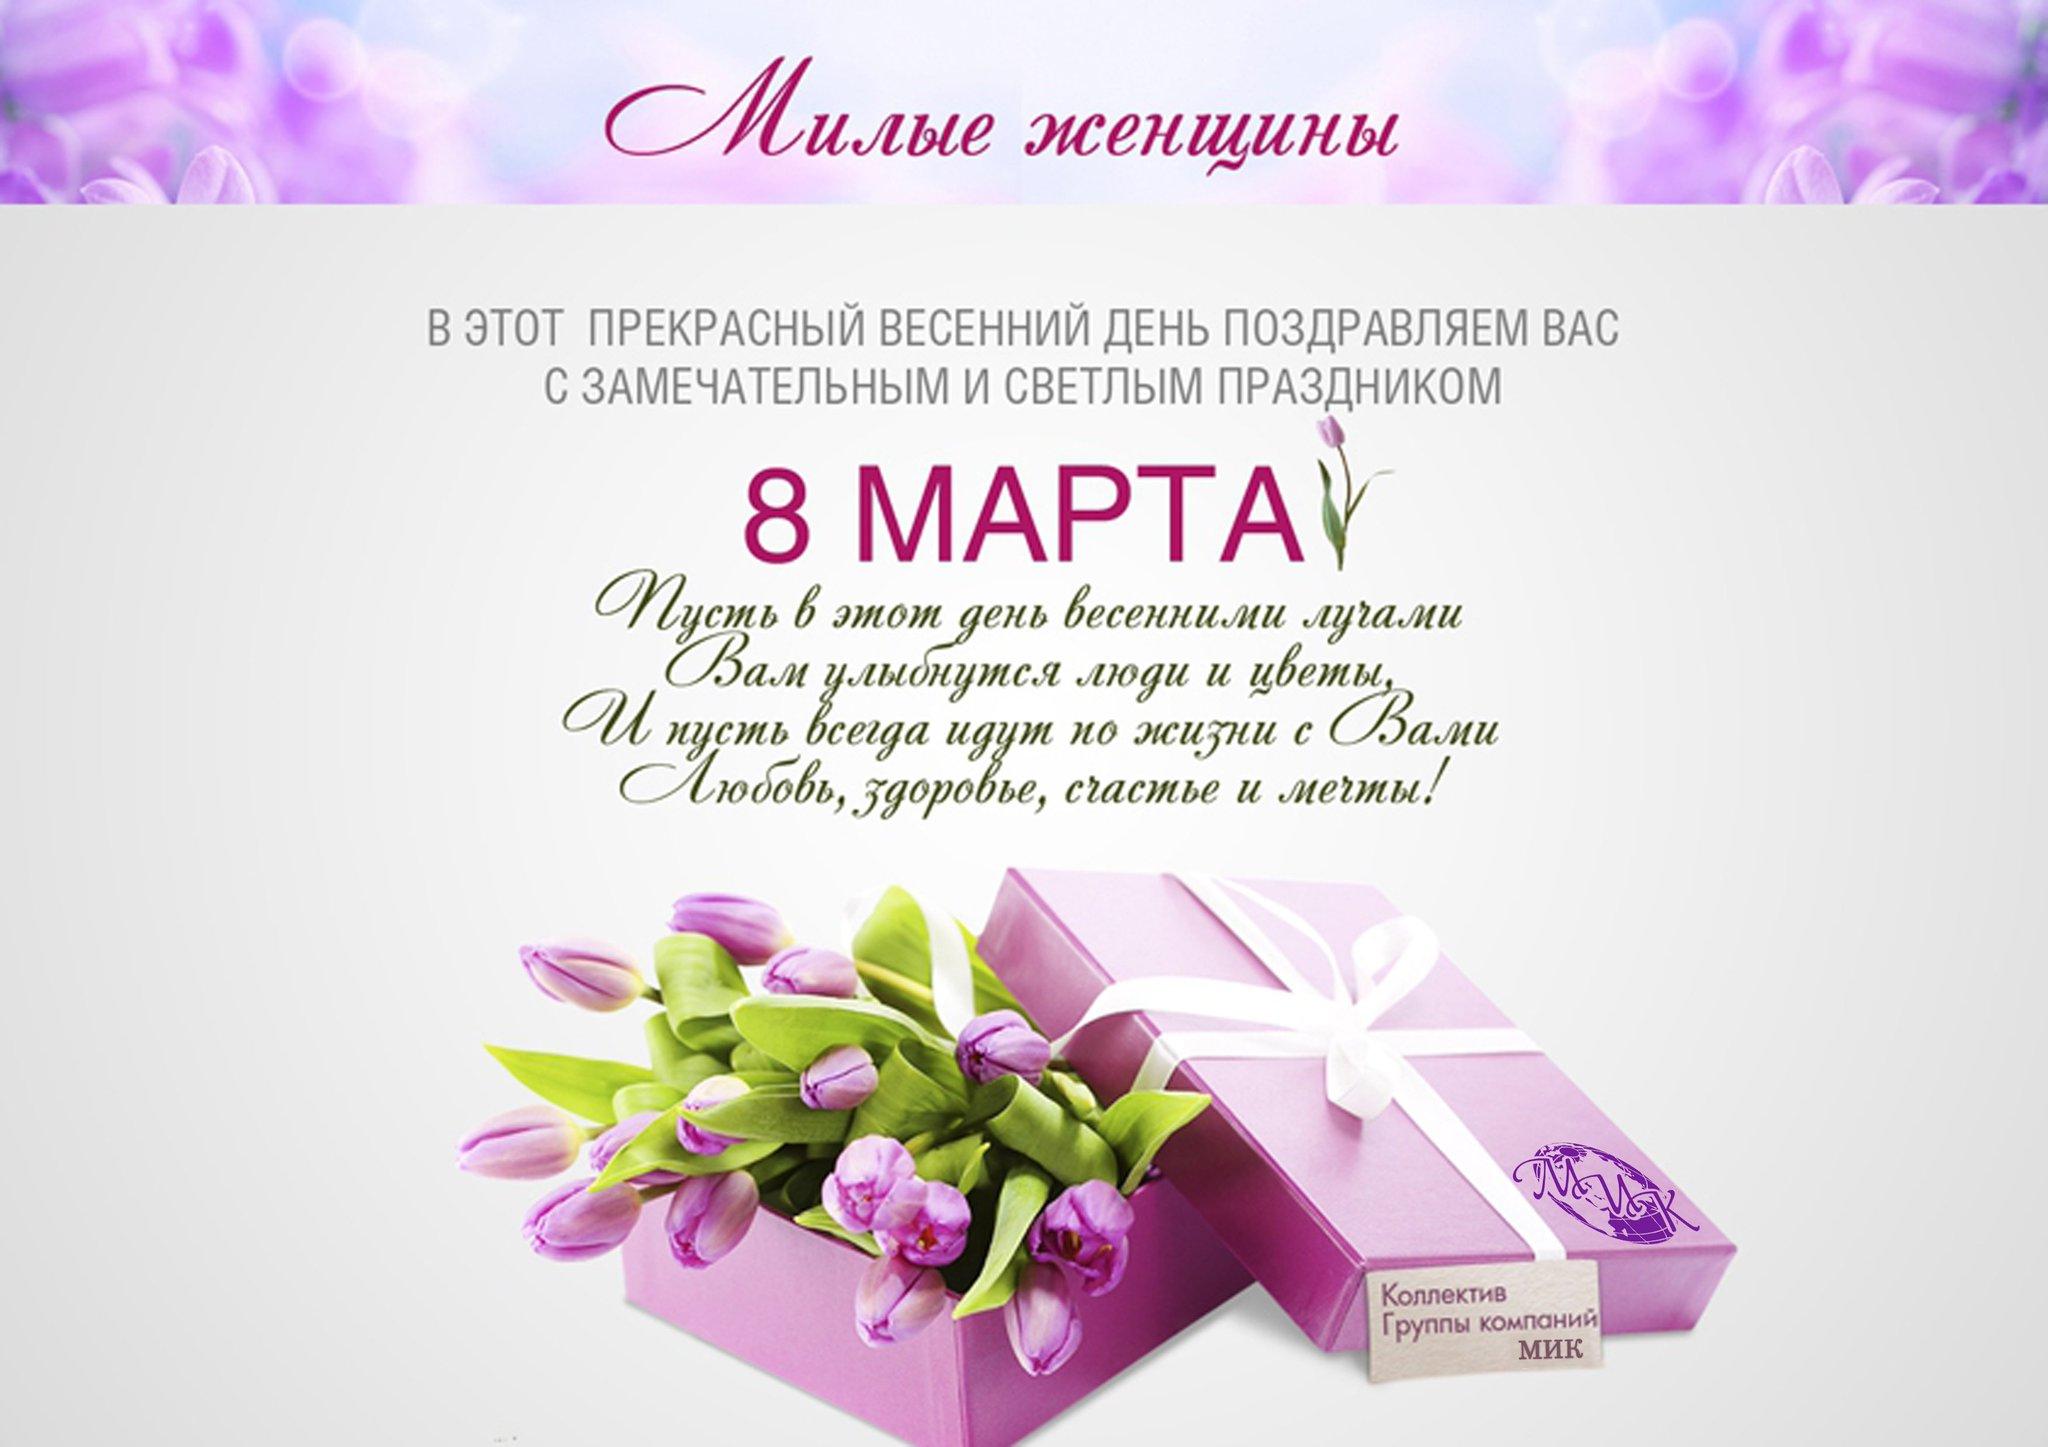 группа компаний поздравления с 8 марта